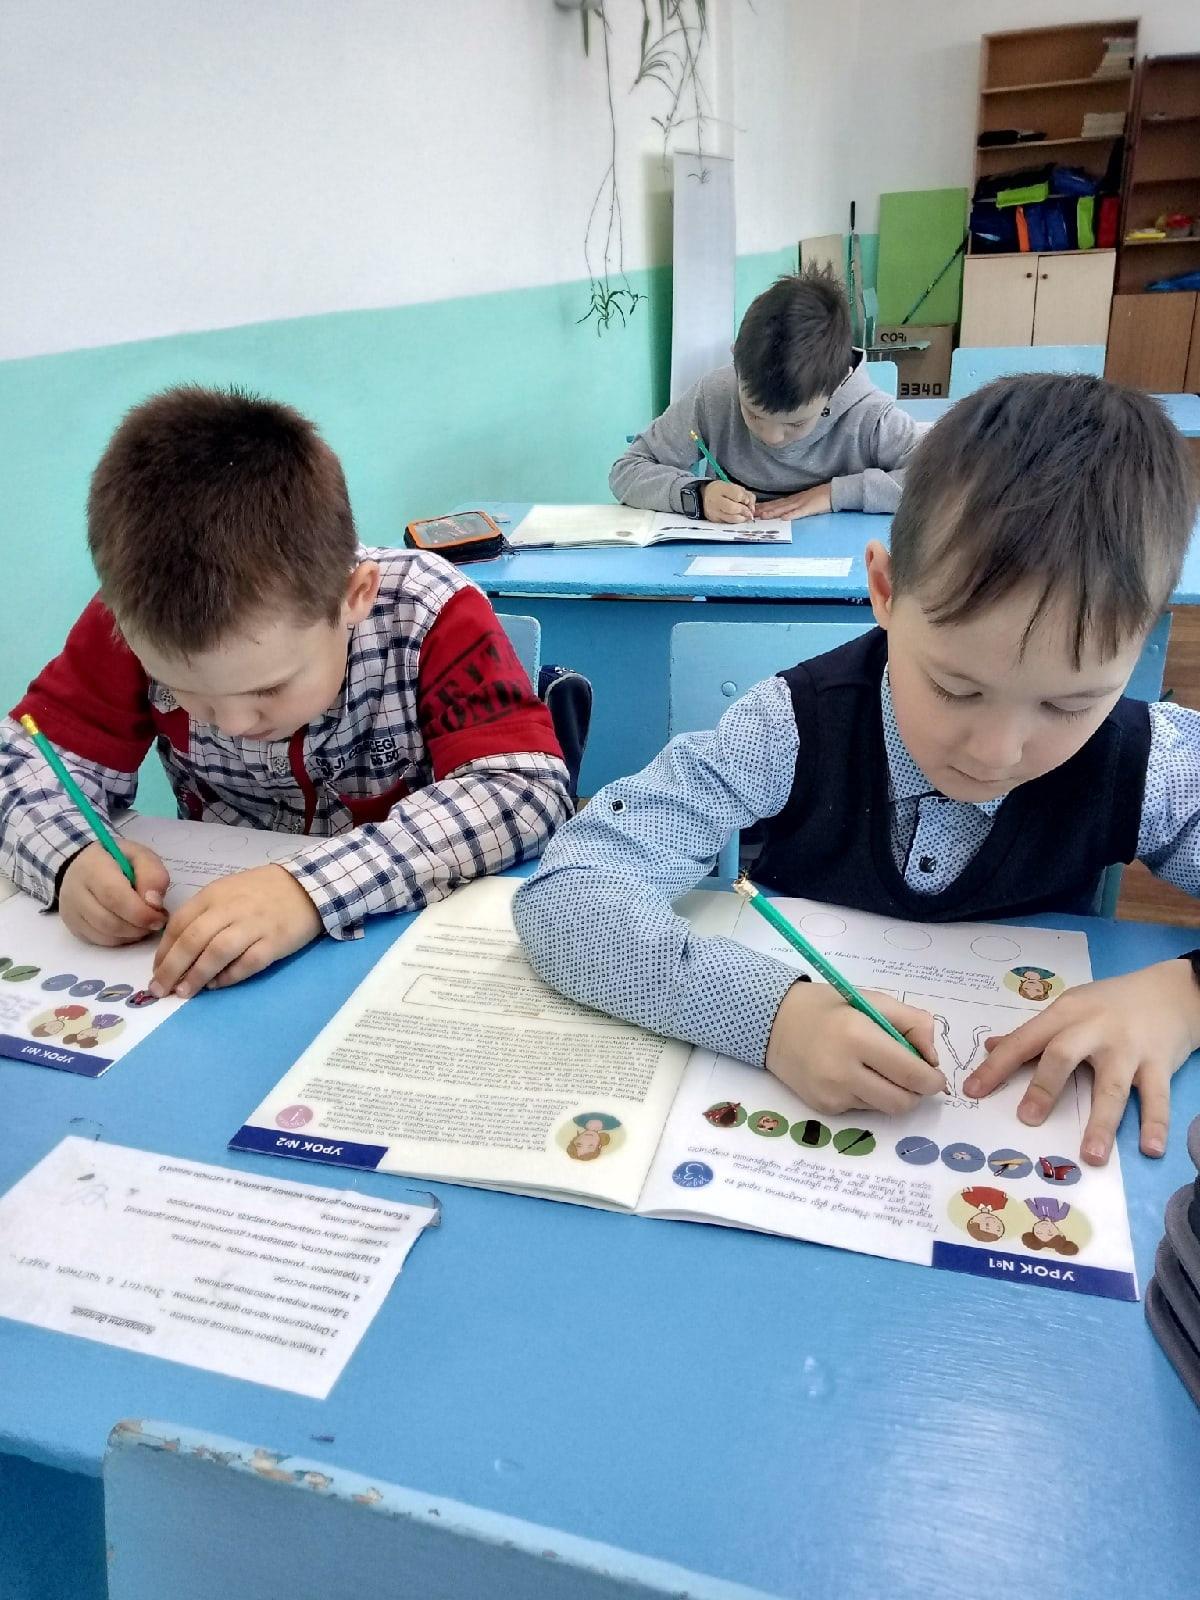 ‼В Пычасской школе начались занятия для первоклассников